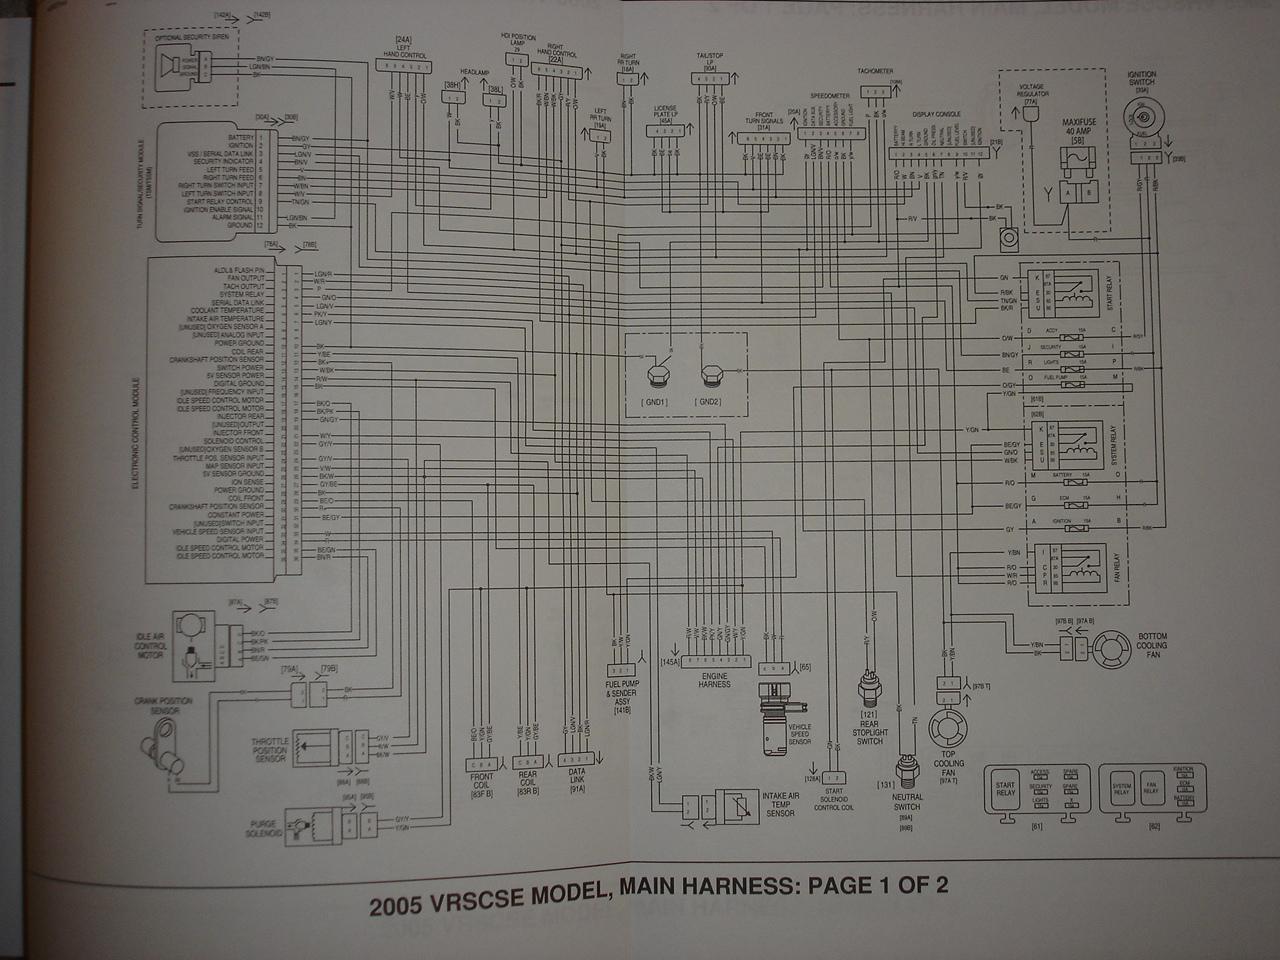 vrscse wiring diagram   harley davidson v-rod forum  v-rod forum